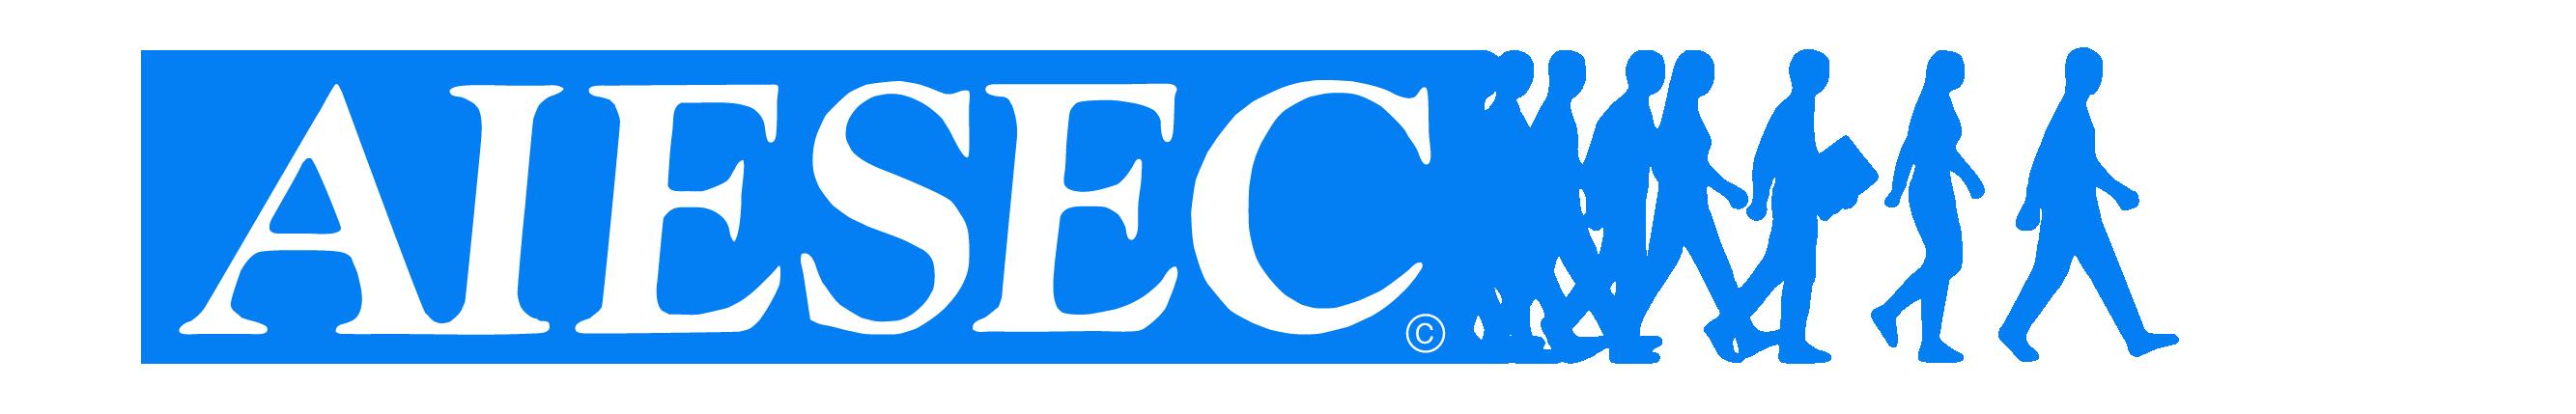 AIESEC Constanţa logo